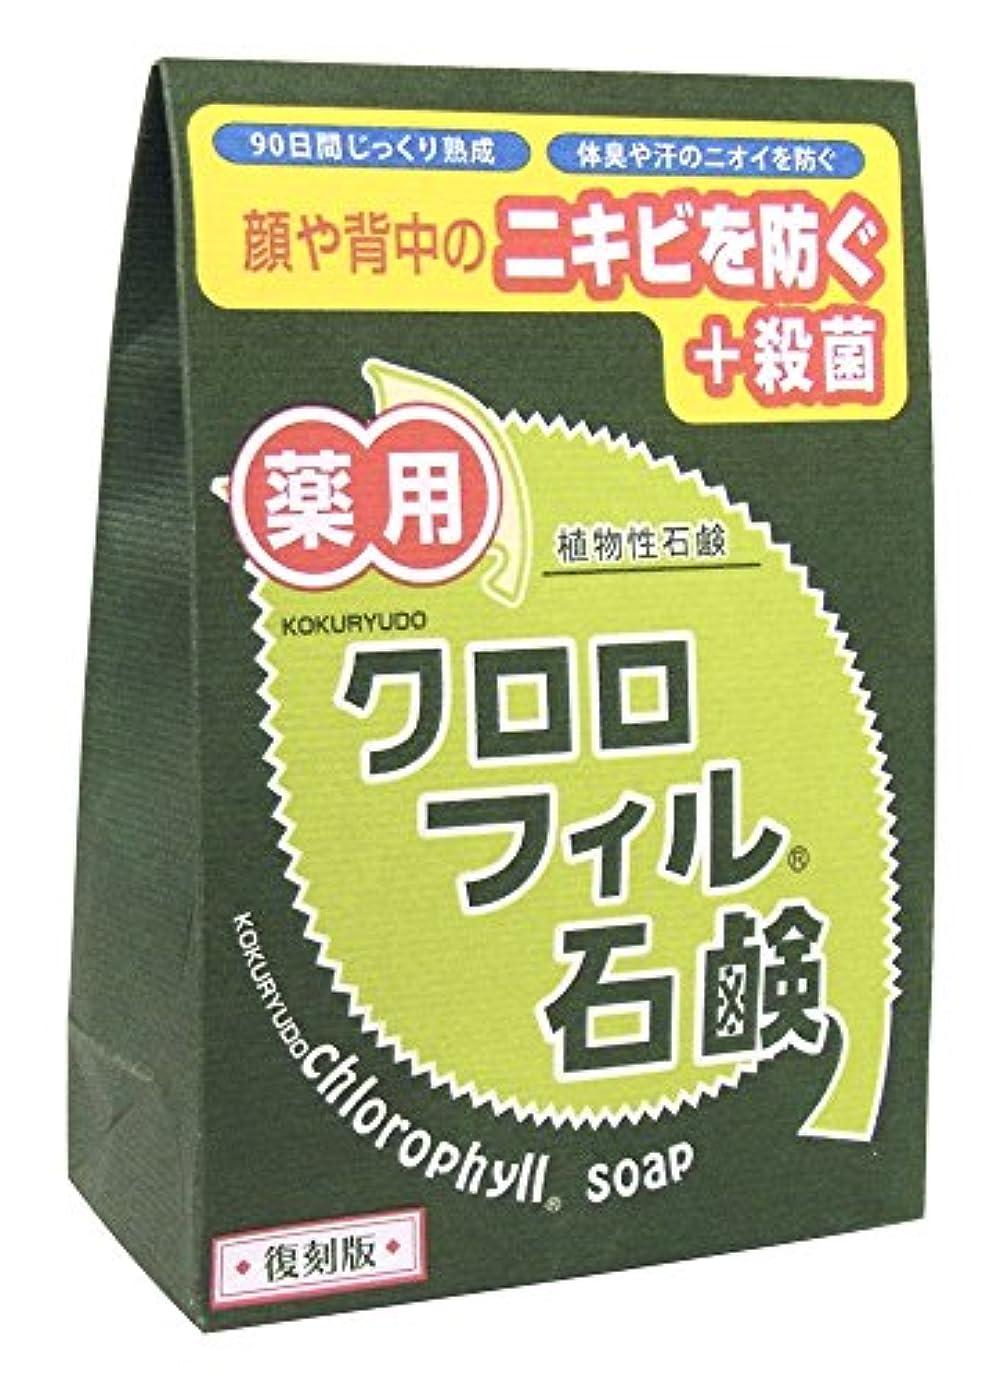 同行クック感謝クロロフィル石鹸 復刻版 85g (医薬部外品)